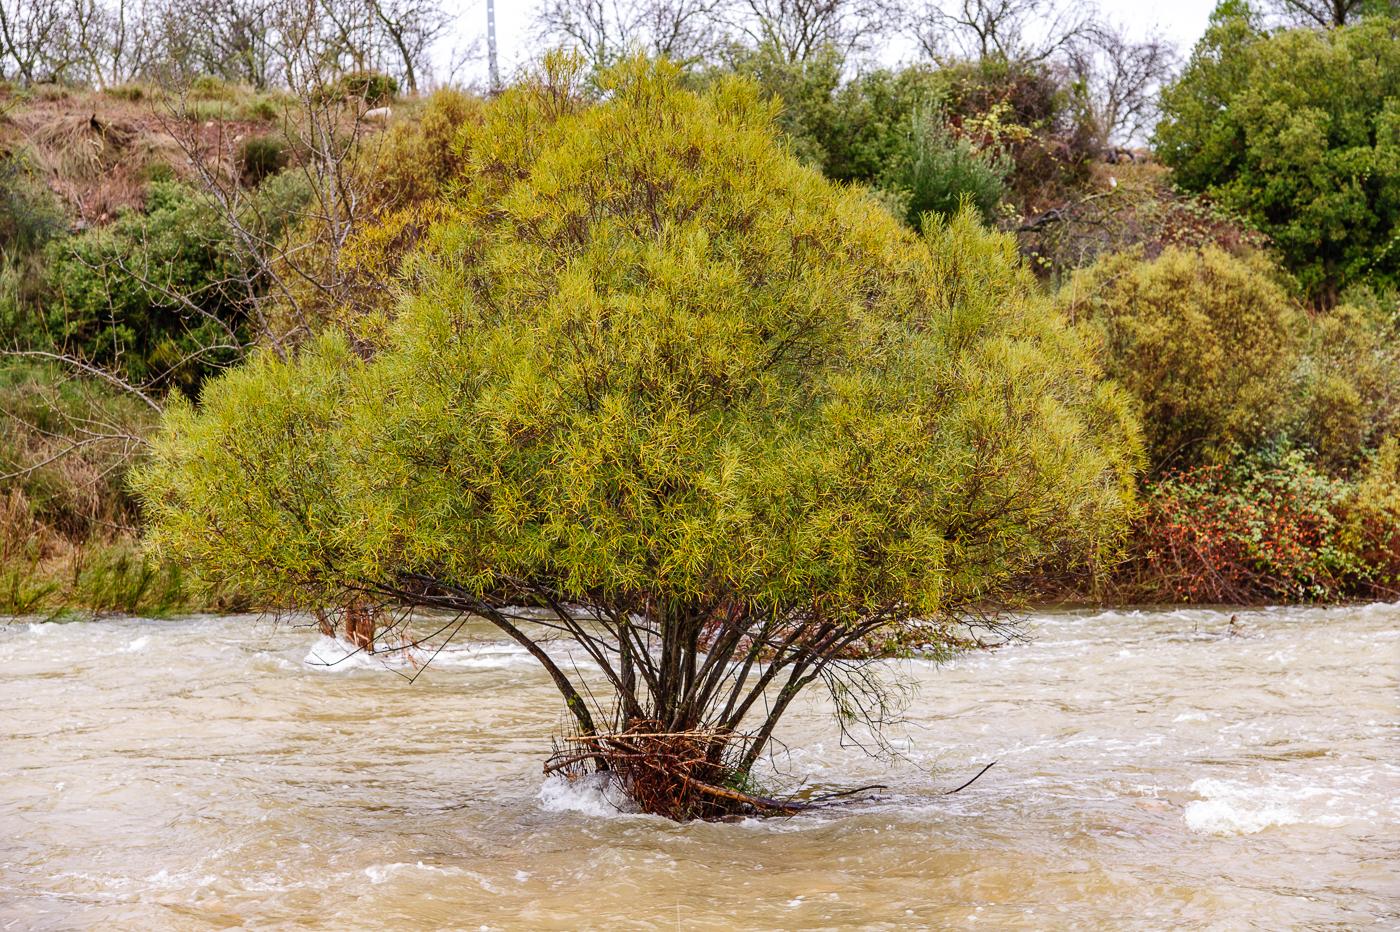 Dry river after rain, El Maetrat